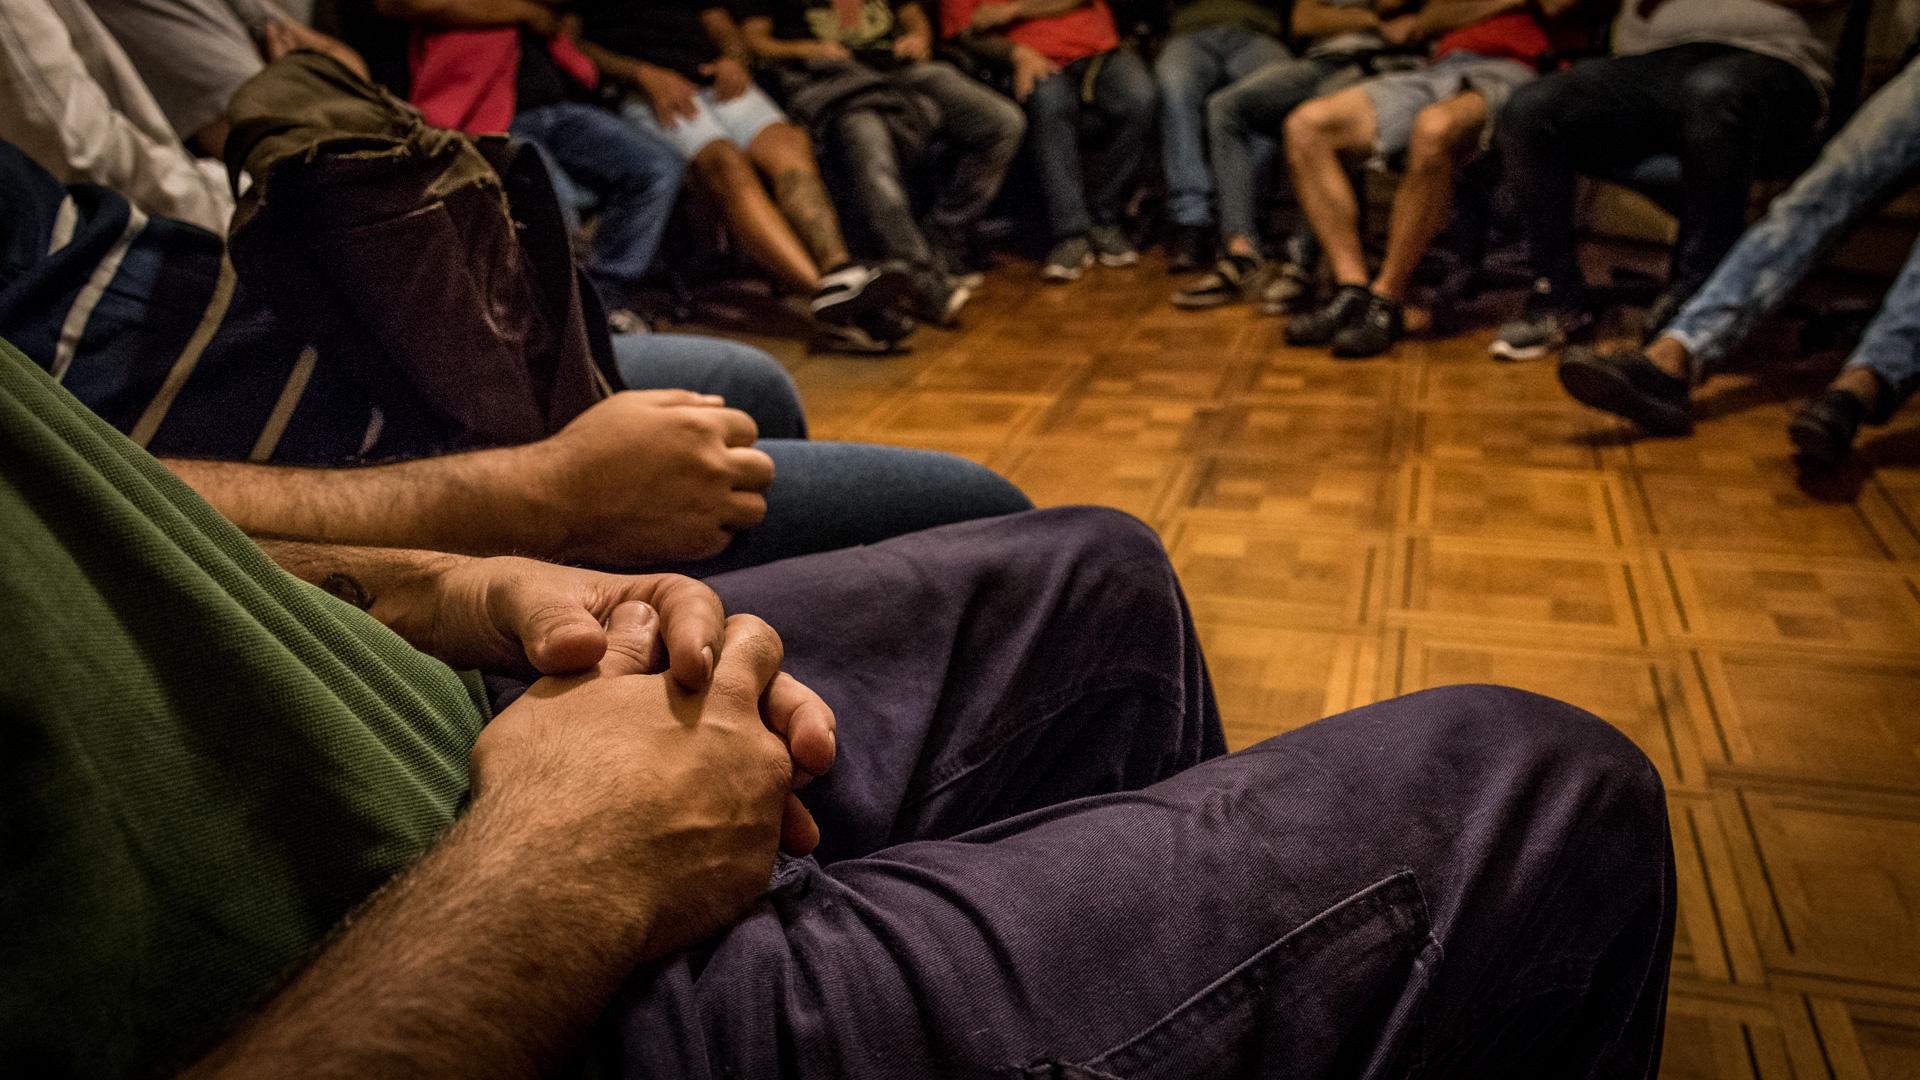 Lunes por la noche: 26 hombres participan del grupo de la Ong de Balvanera (M. Rosenzveig)